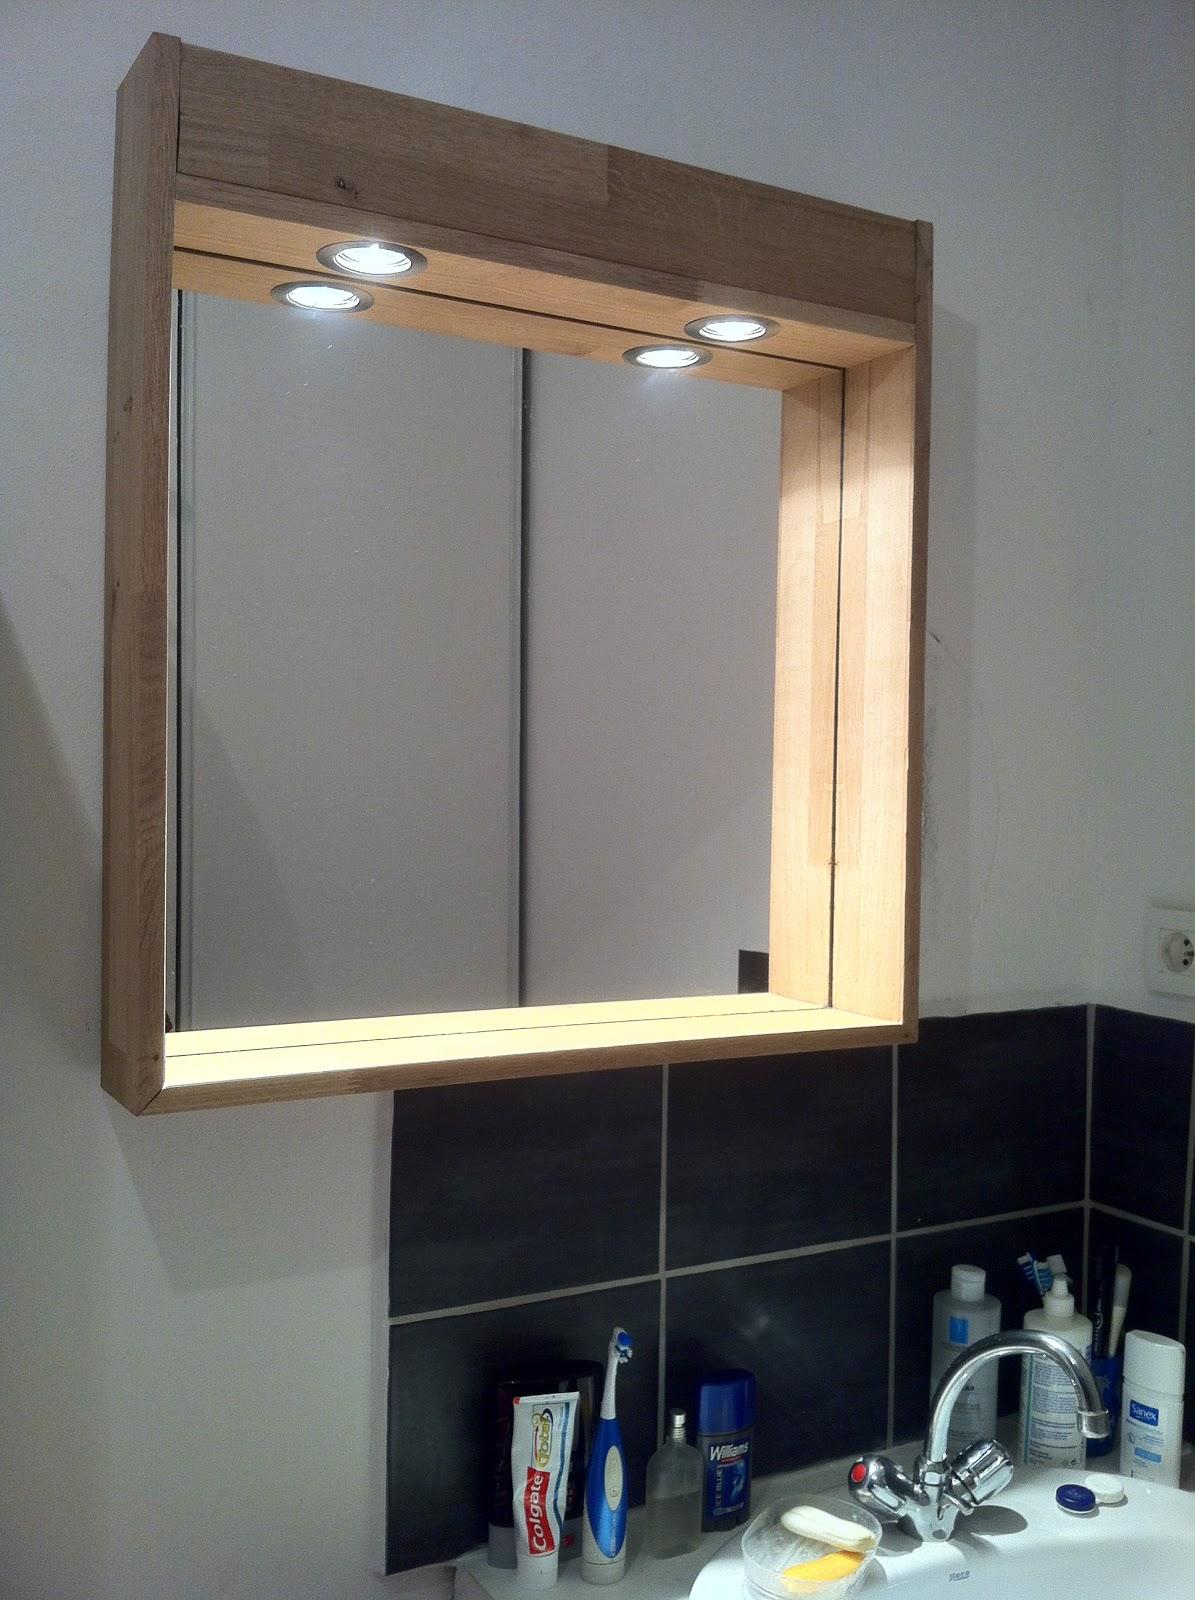 Electrons et copeaux cadre de miroir en ch ne for Decouper un miroir